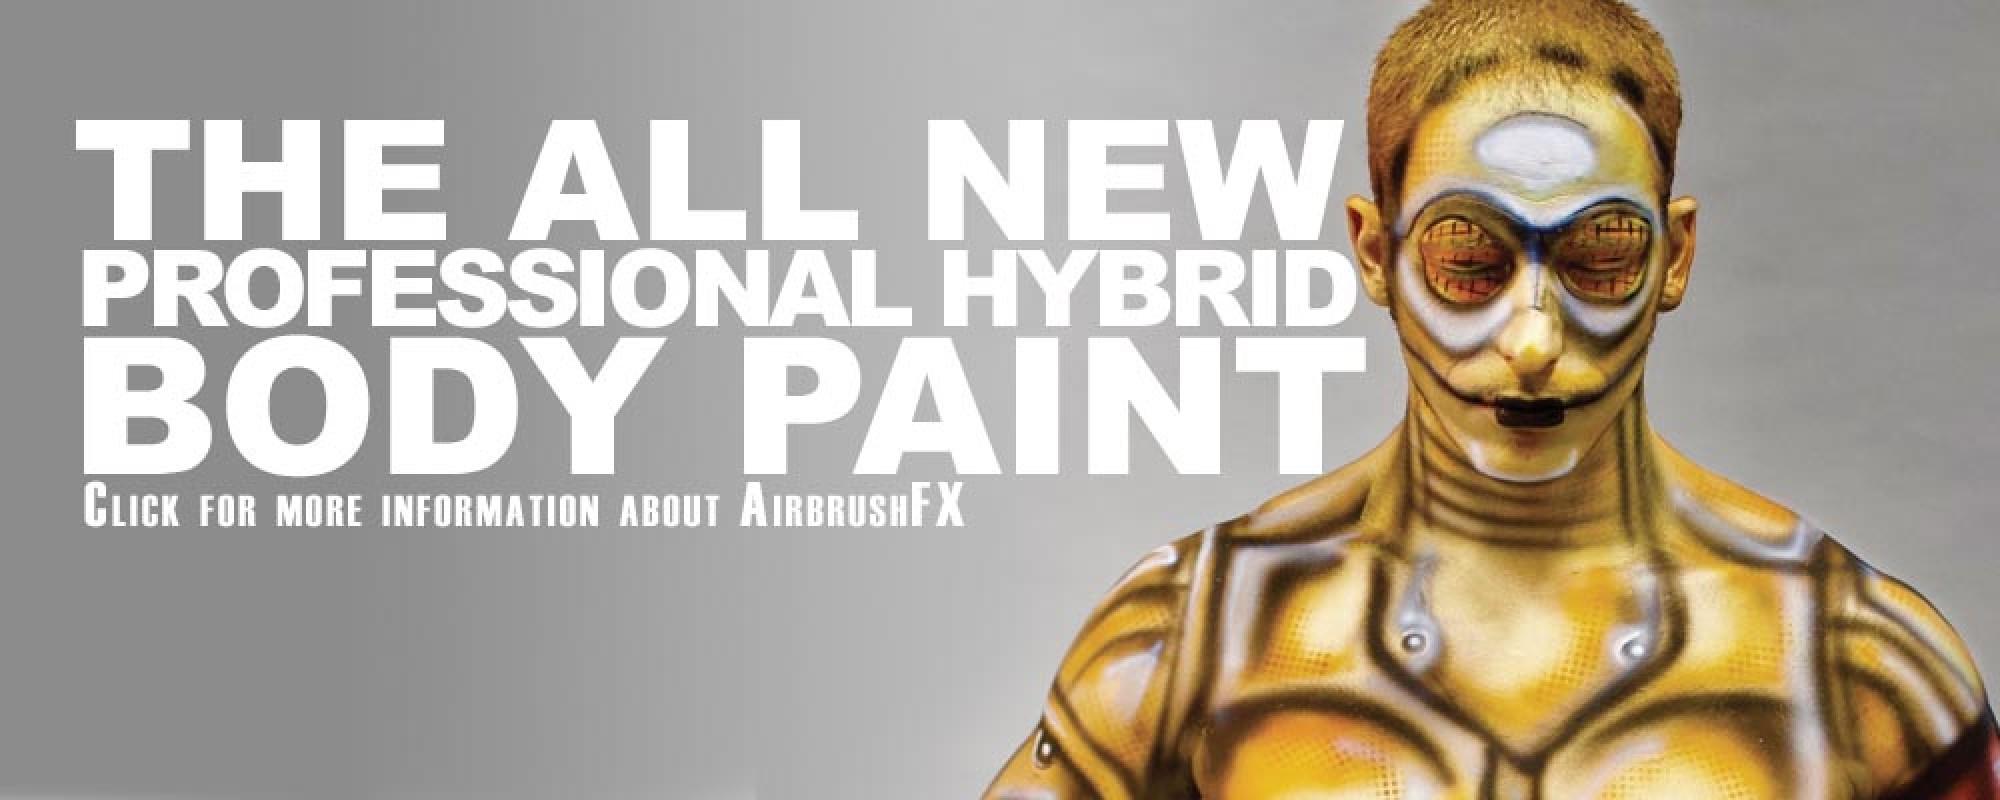 AirbrushFX